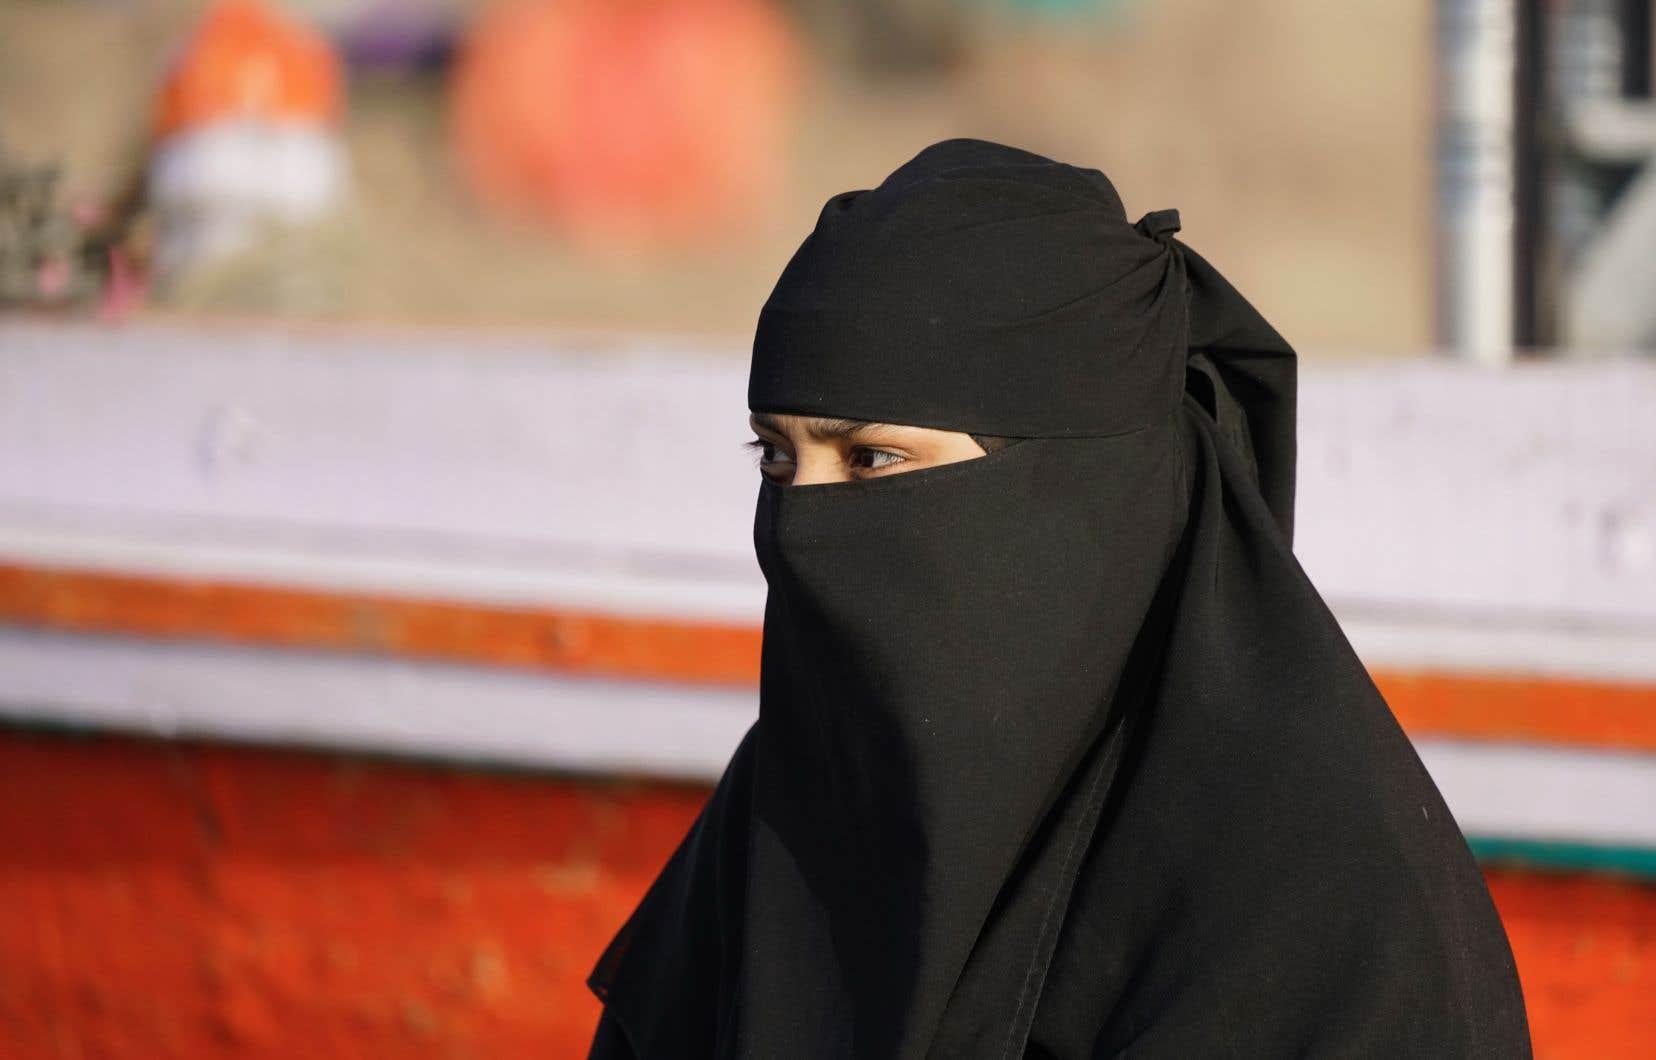 «Toutes les avancées obtenues par les islamistes dans les pays occidentaux ont des répercussions dans nos pays d'origine», pensent les auteurs.